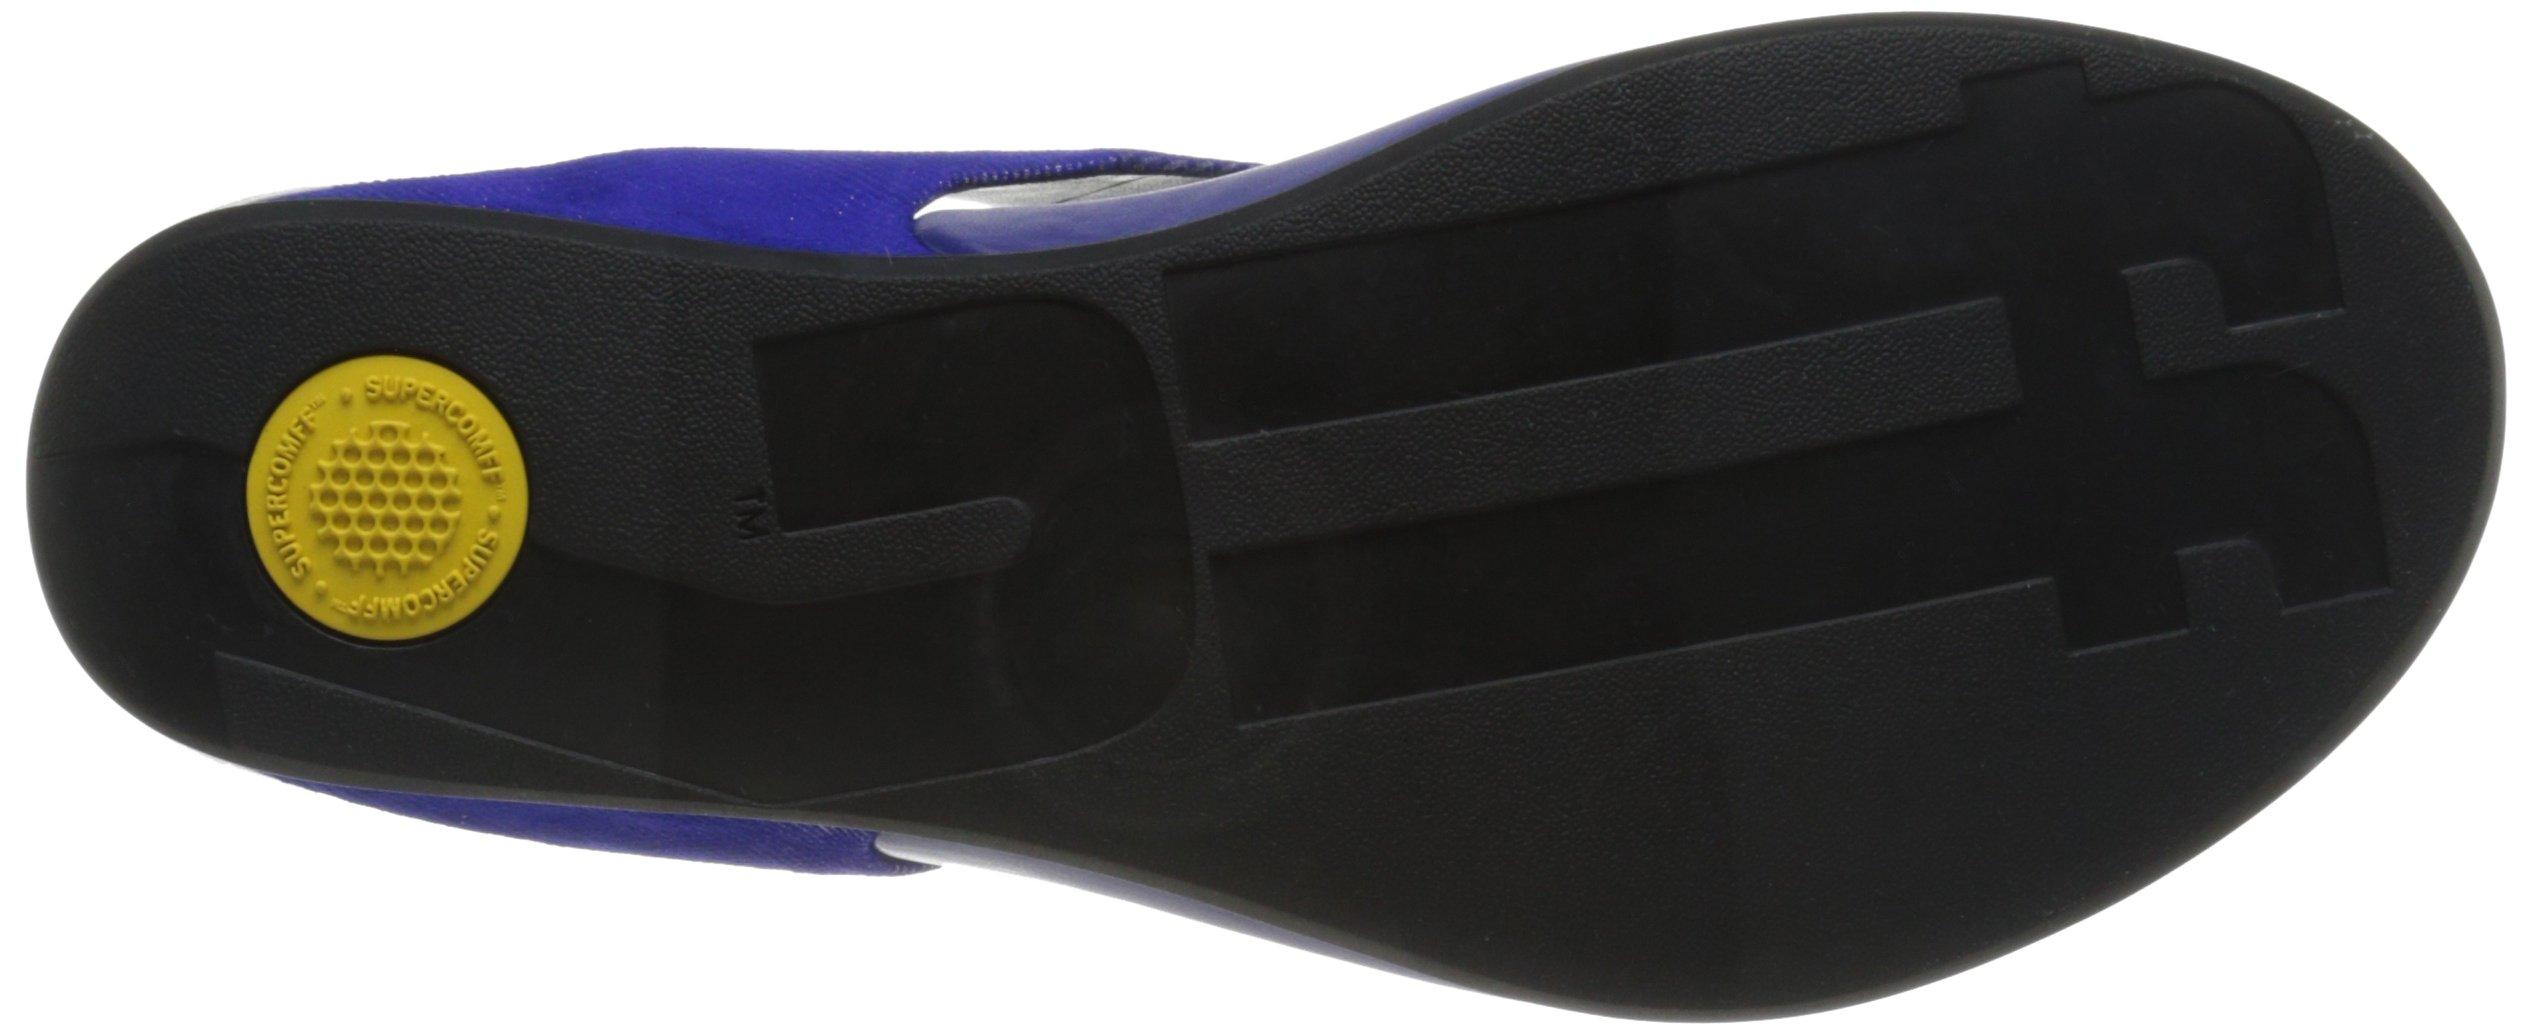 FitFlop Women's Banda Opul Flip Flop, Mazarin Blue, 7 M US by FitFlop (Image #3)